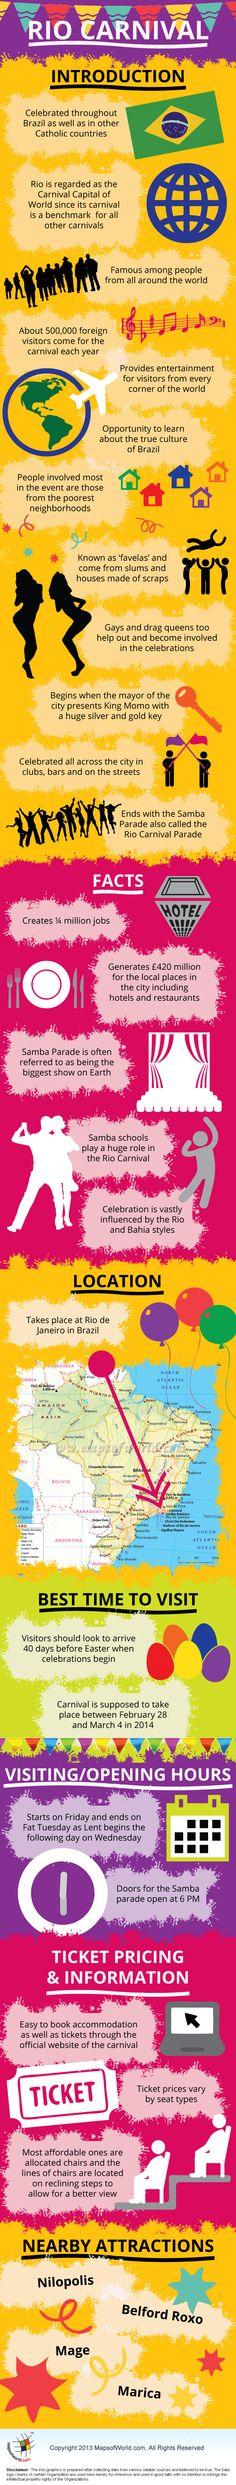 Rio Carnival #Infographic